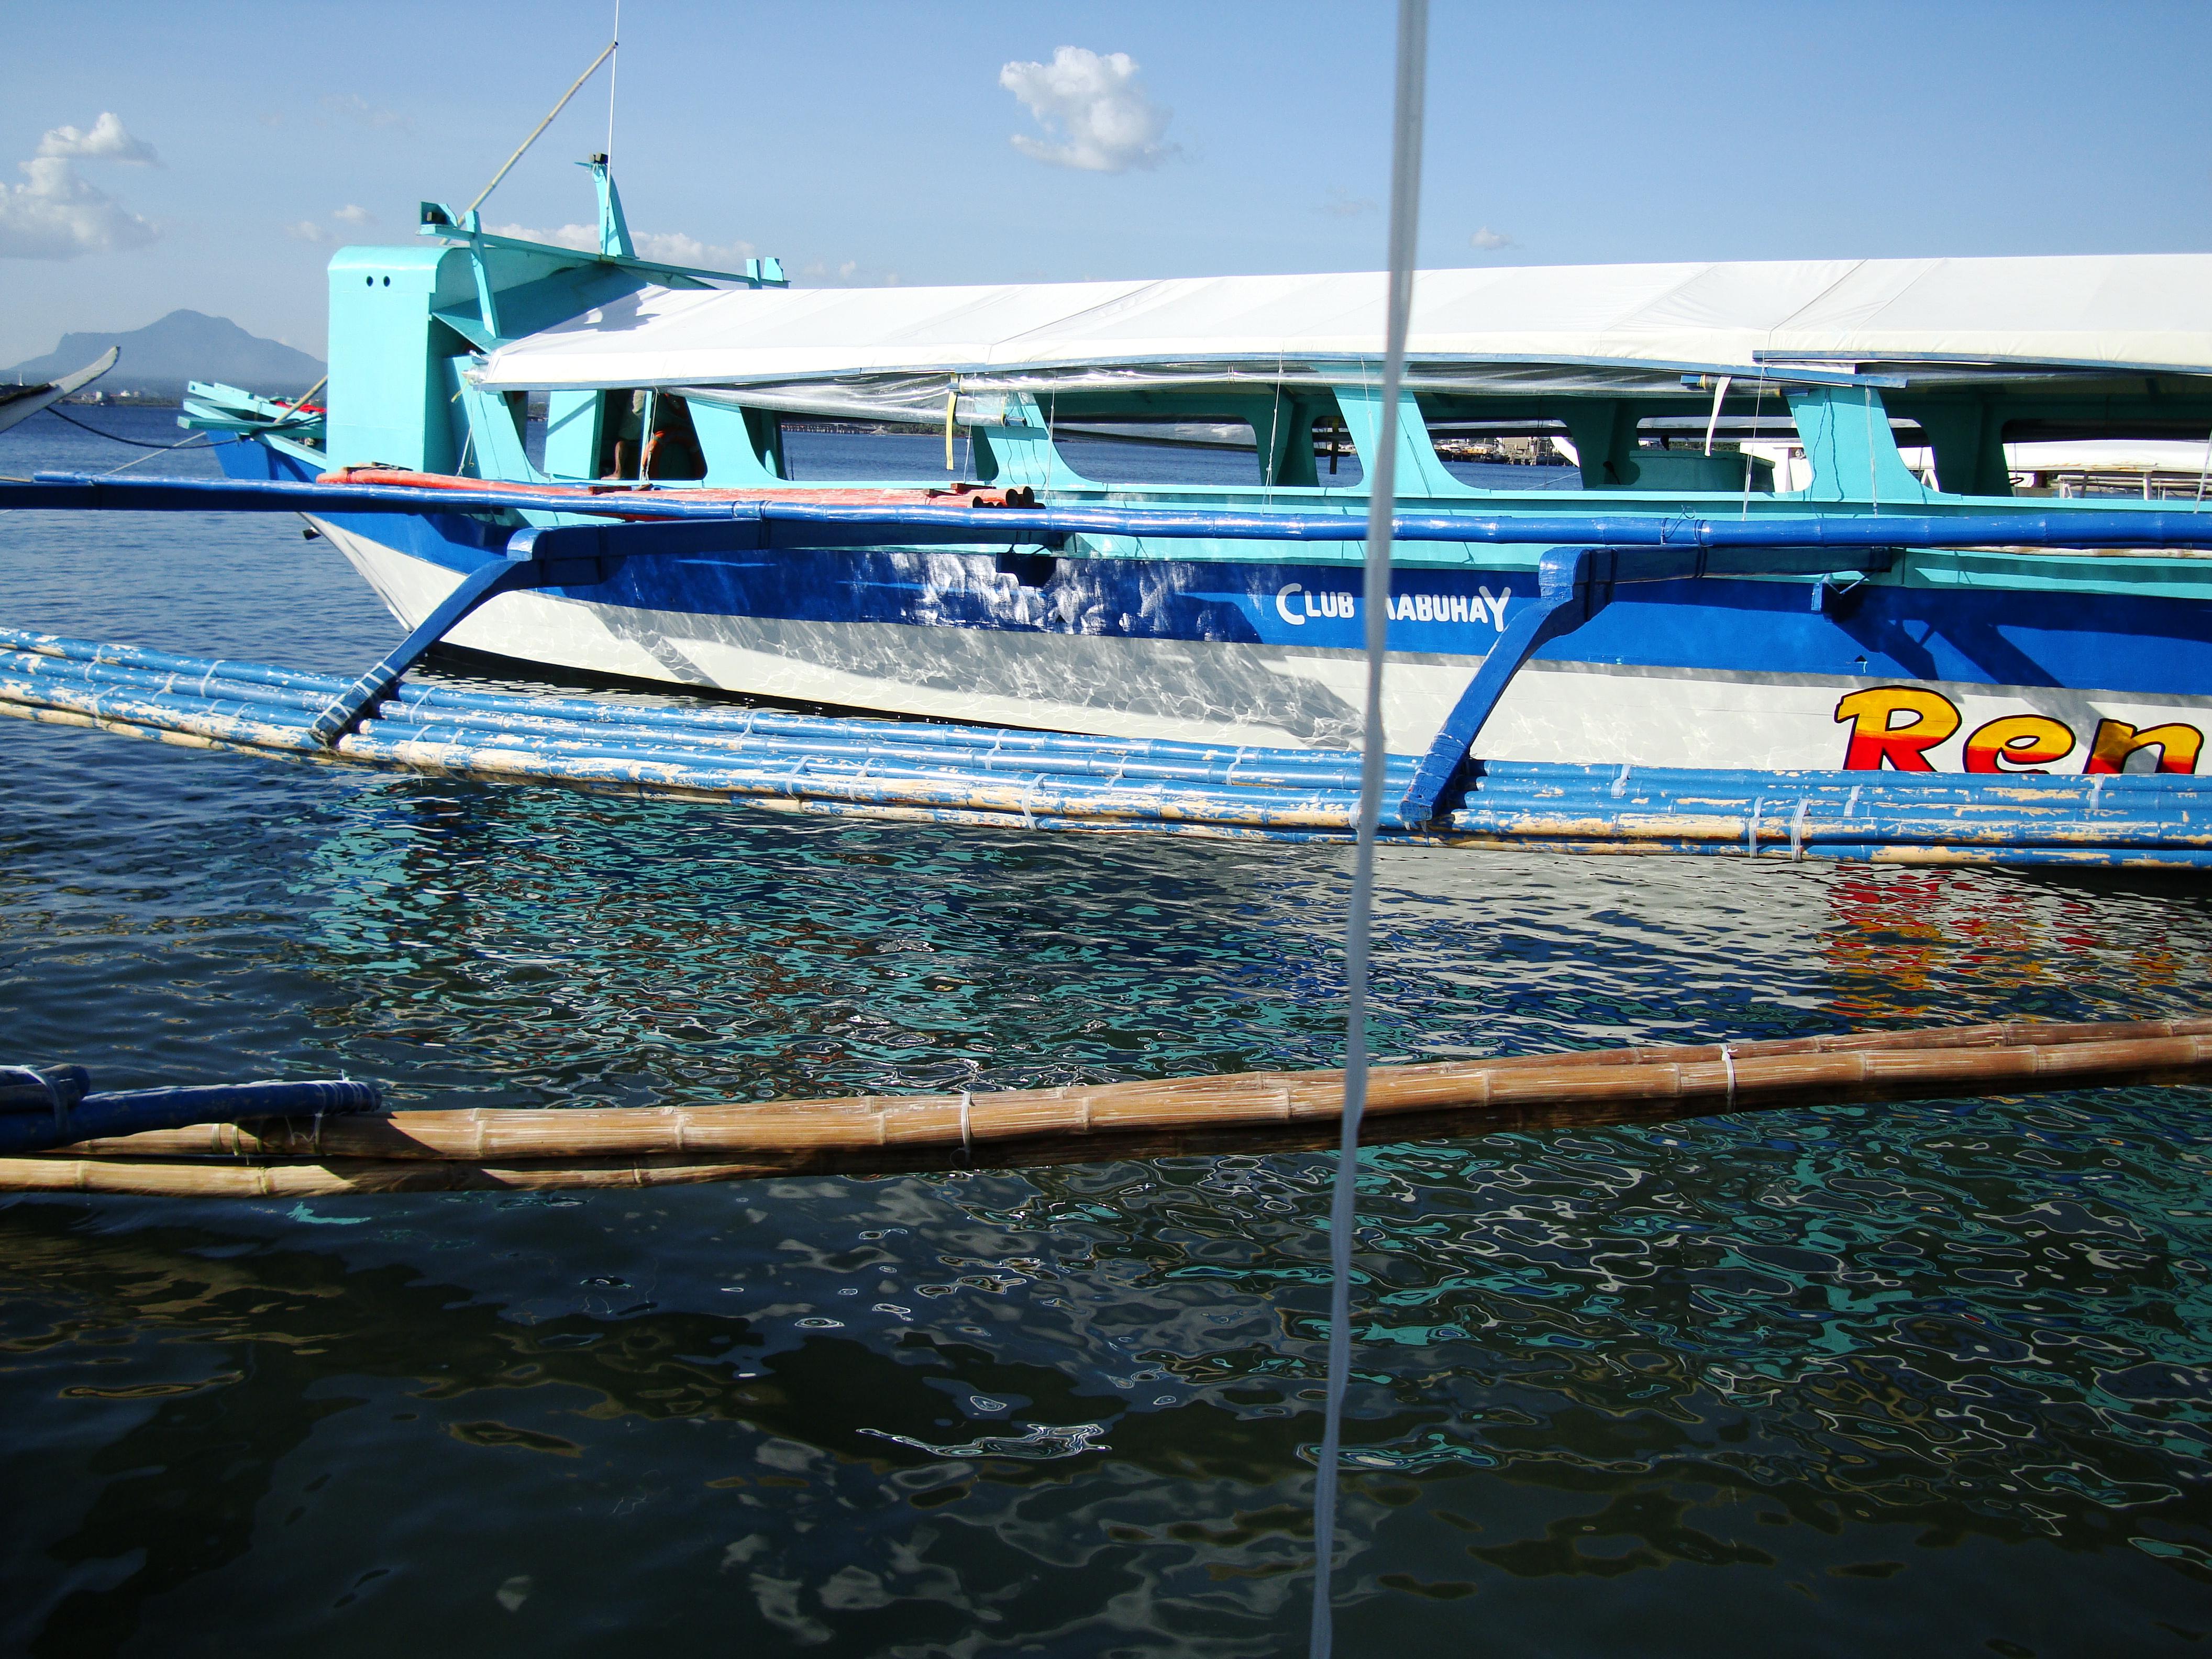 Philippine MB Banca Renzo 4 Batangas to Puerto Galera 04